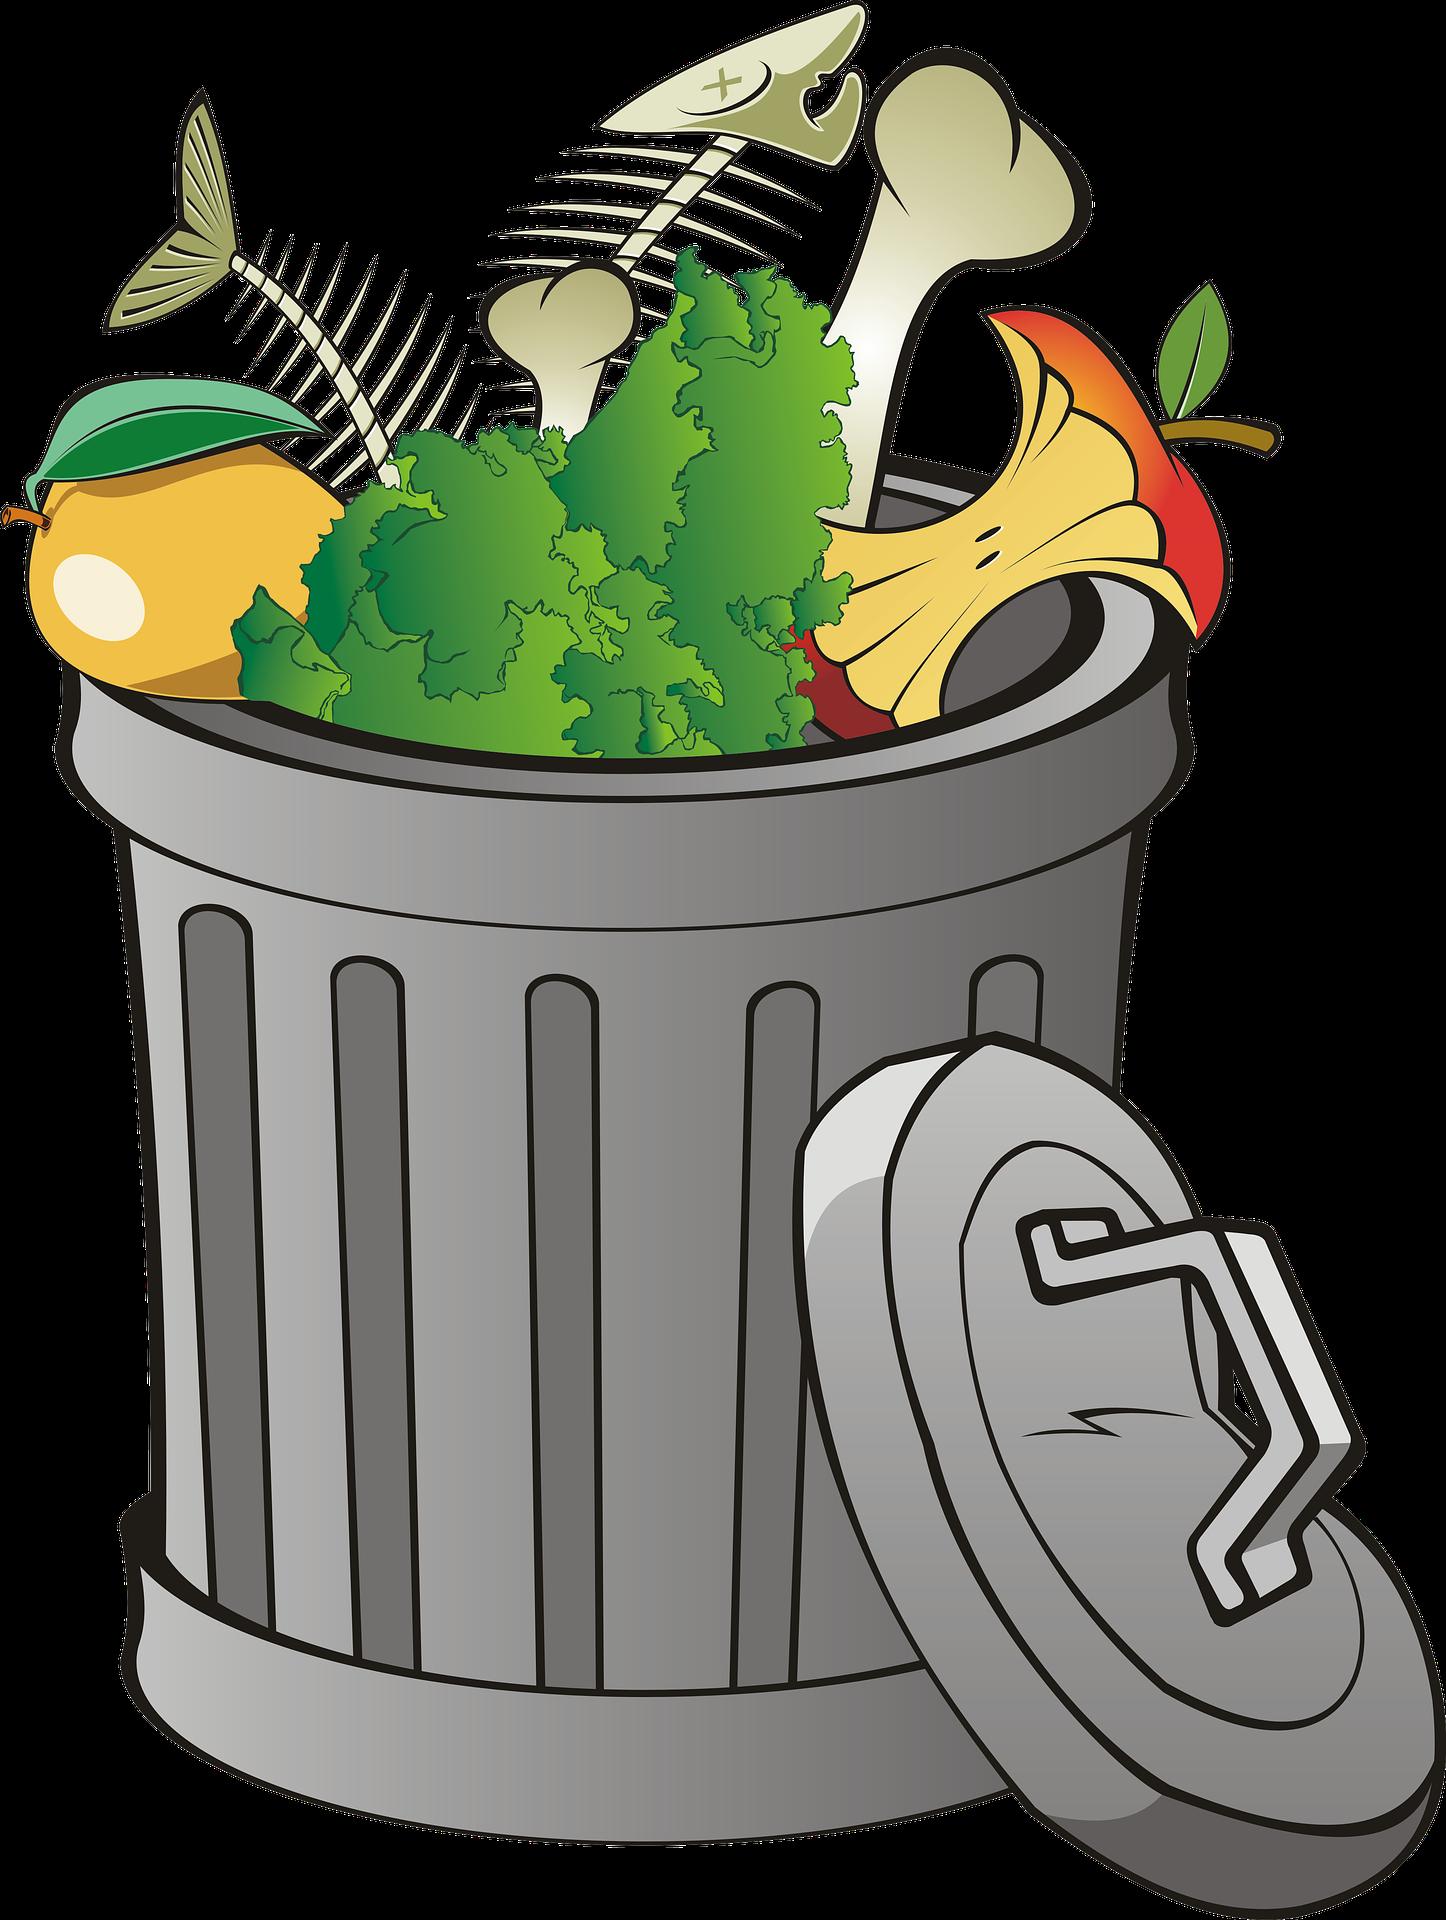 trash-3323974_1920